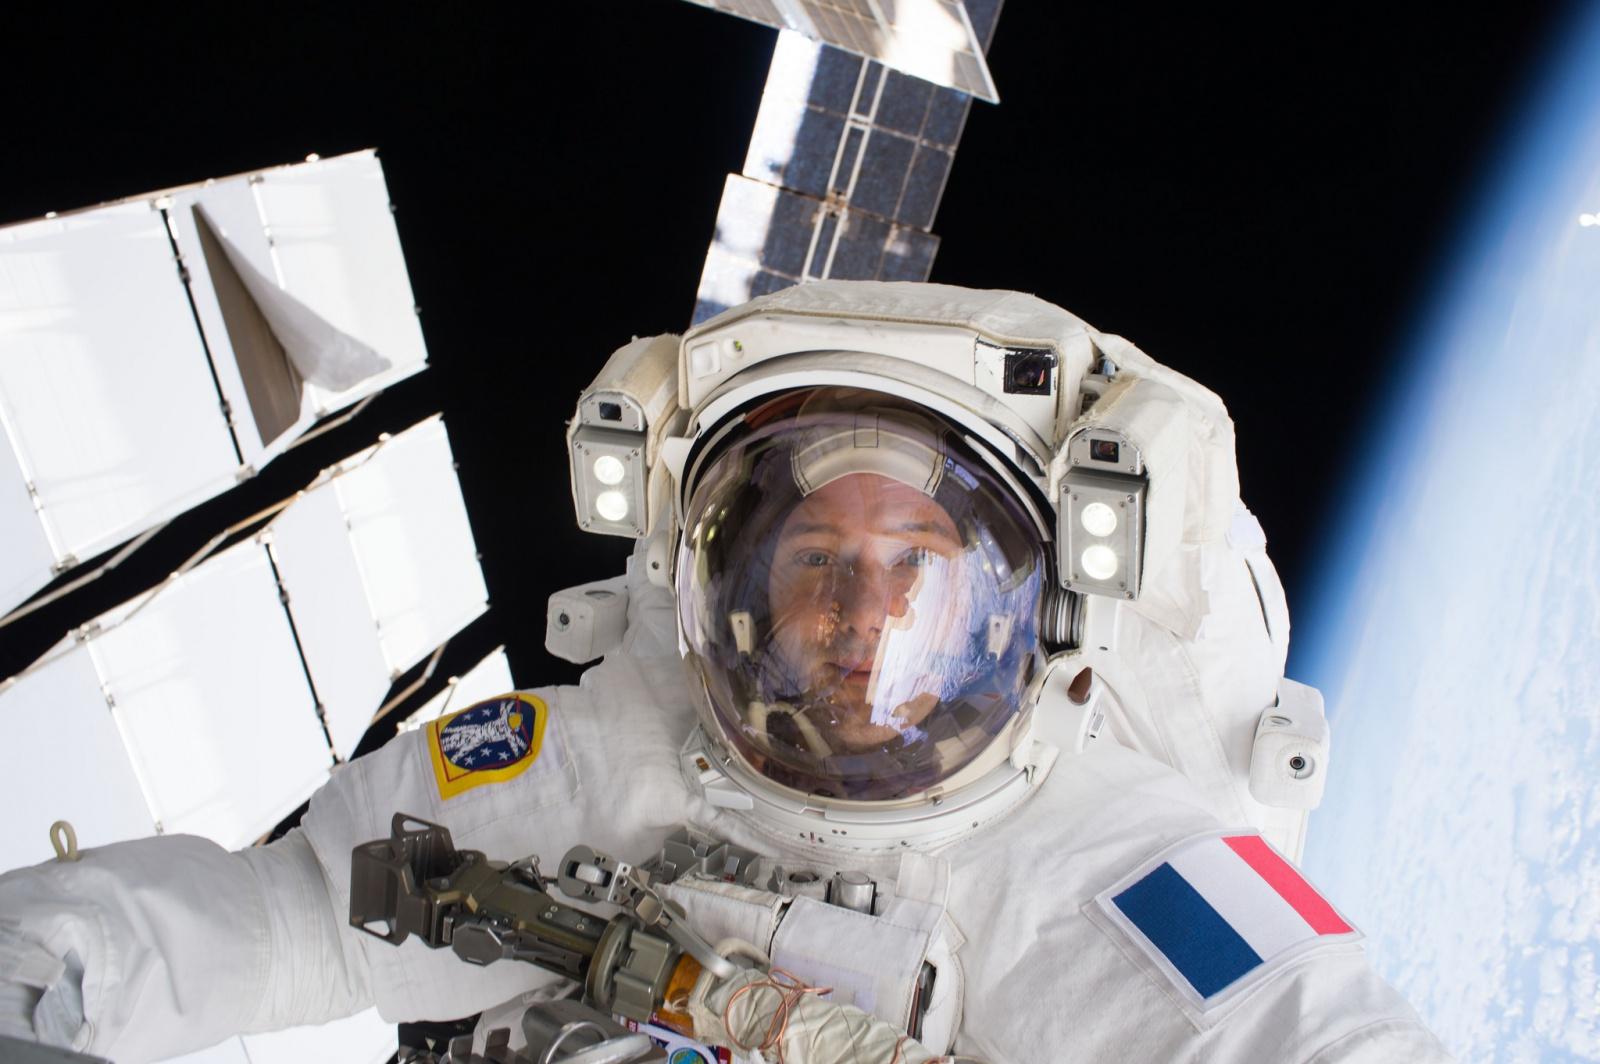 [ISS] EVA US 38 et 39, les 6 et 13 janvier 2017 - Page 7 565649161791755598301142264664583717142760354341o